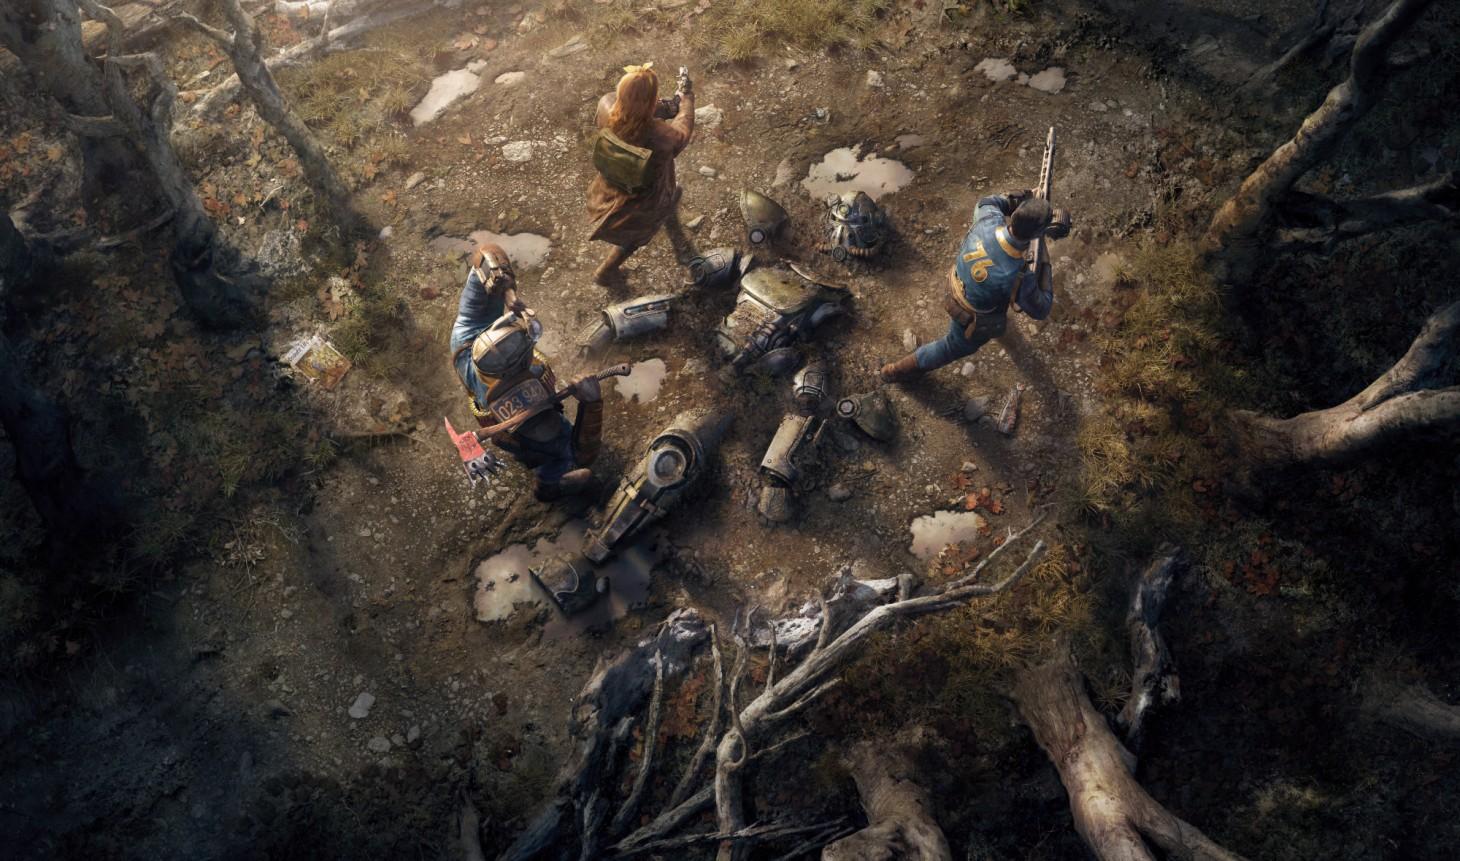 Mikrotransakce ve Fallout 76 již nenabízí pouze kosmetické předměty